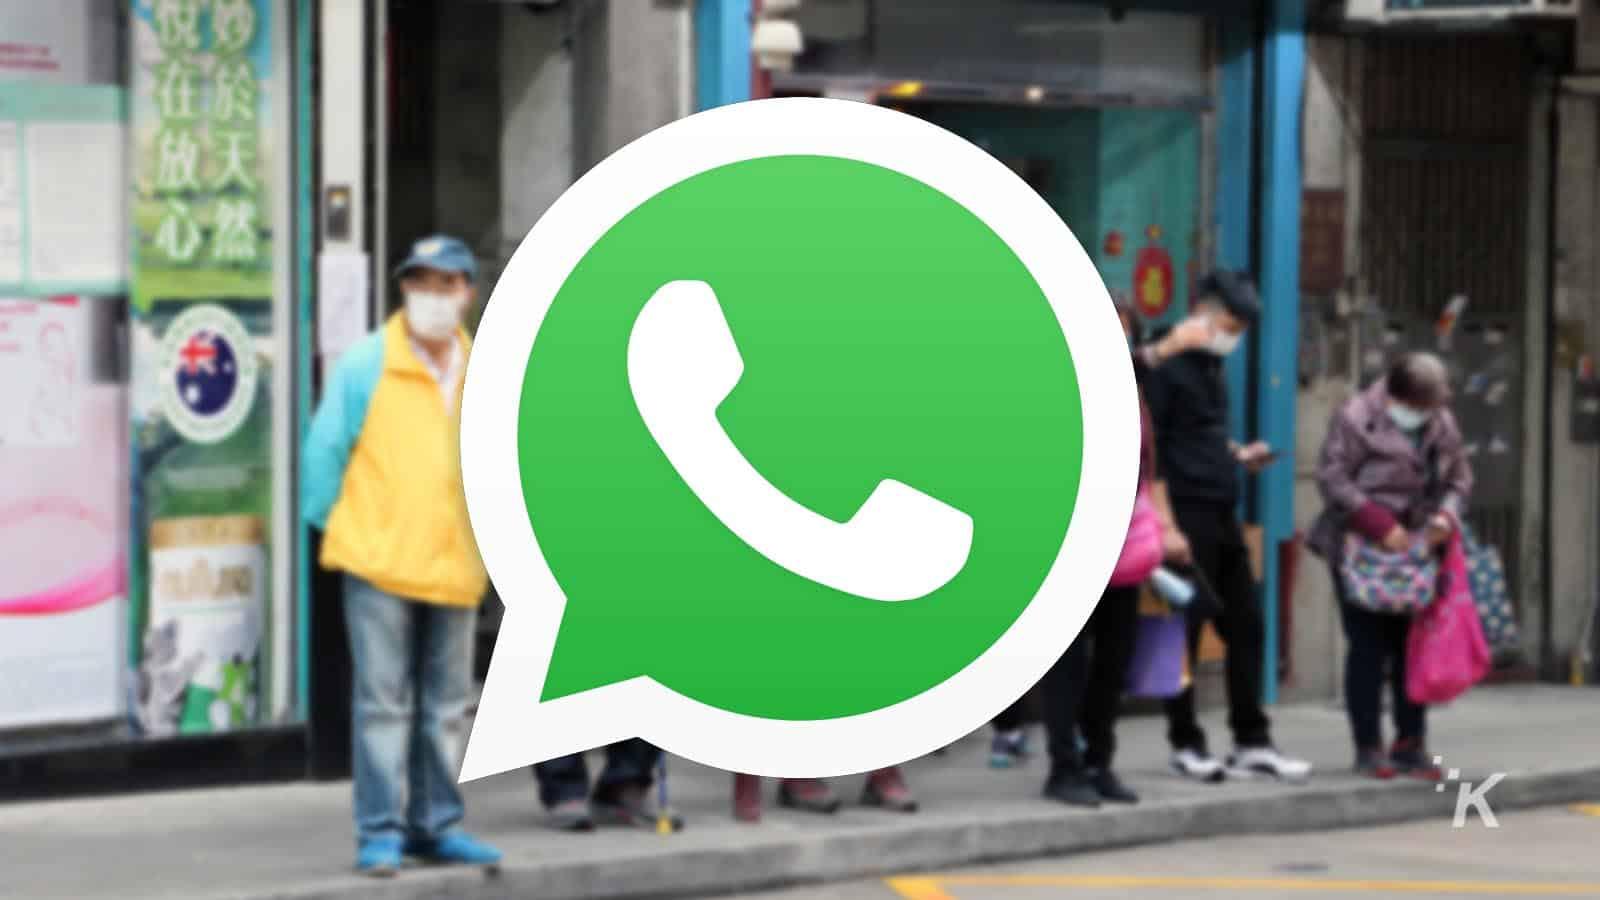 whatsapp logo on blurred background